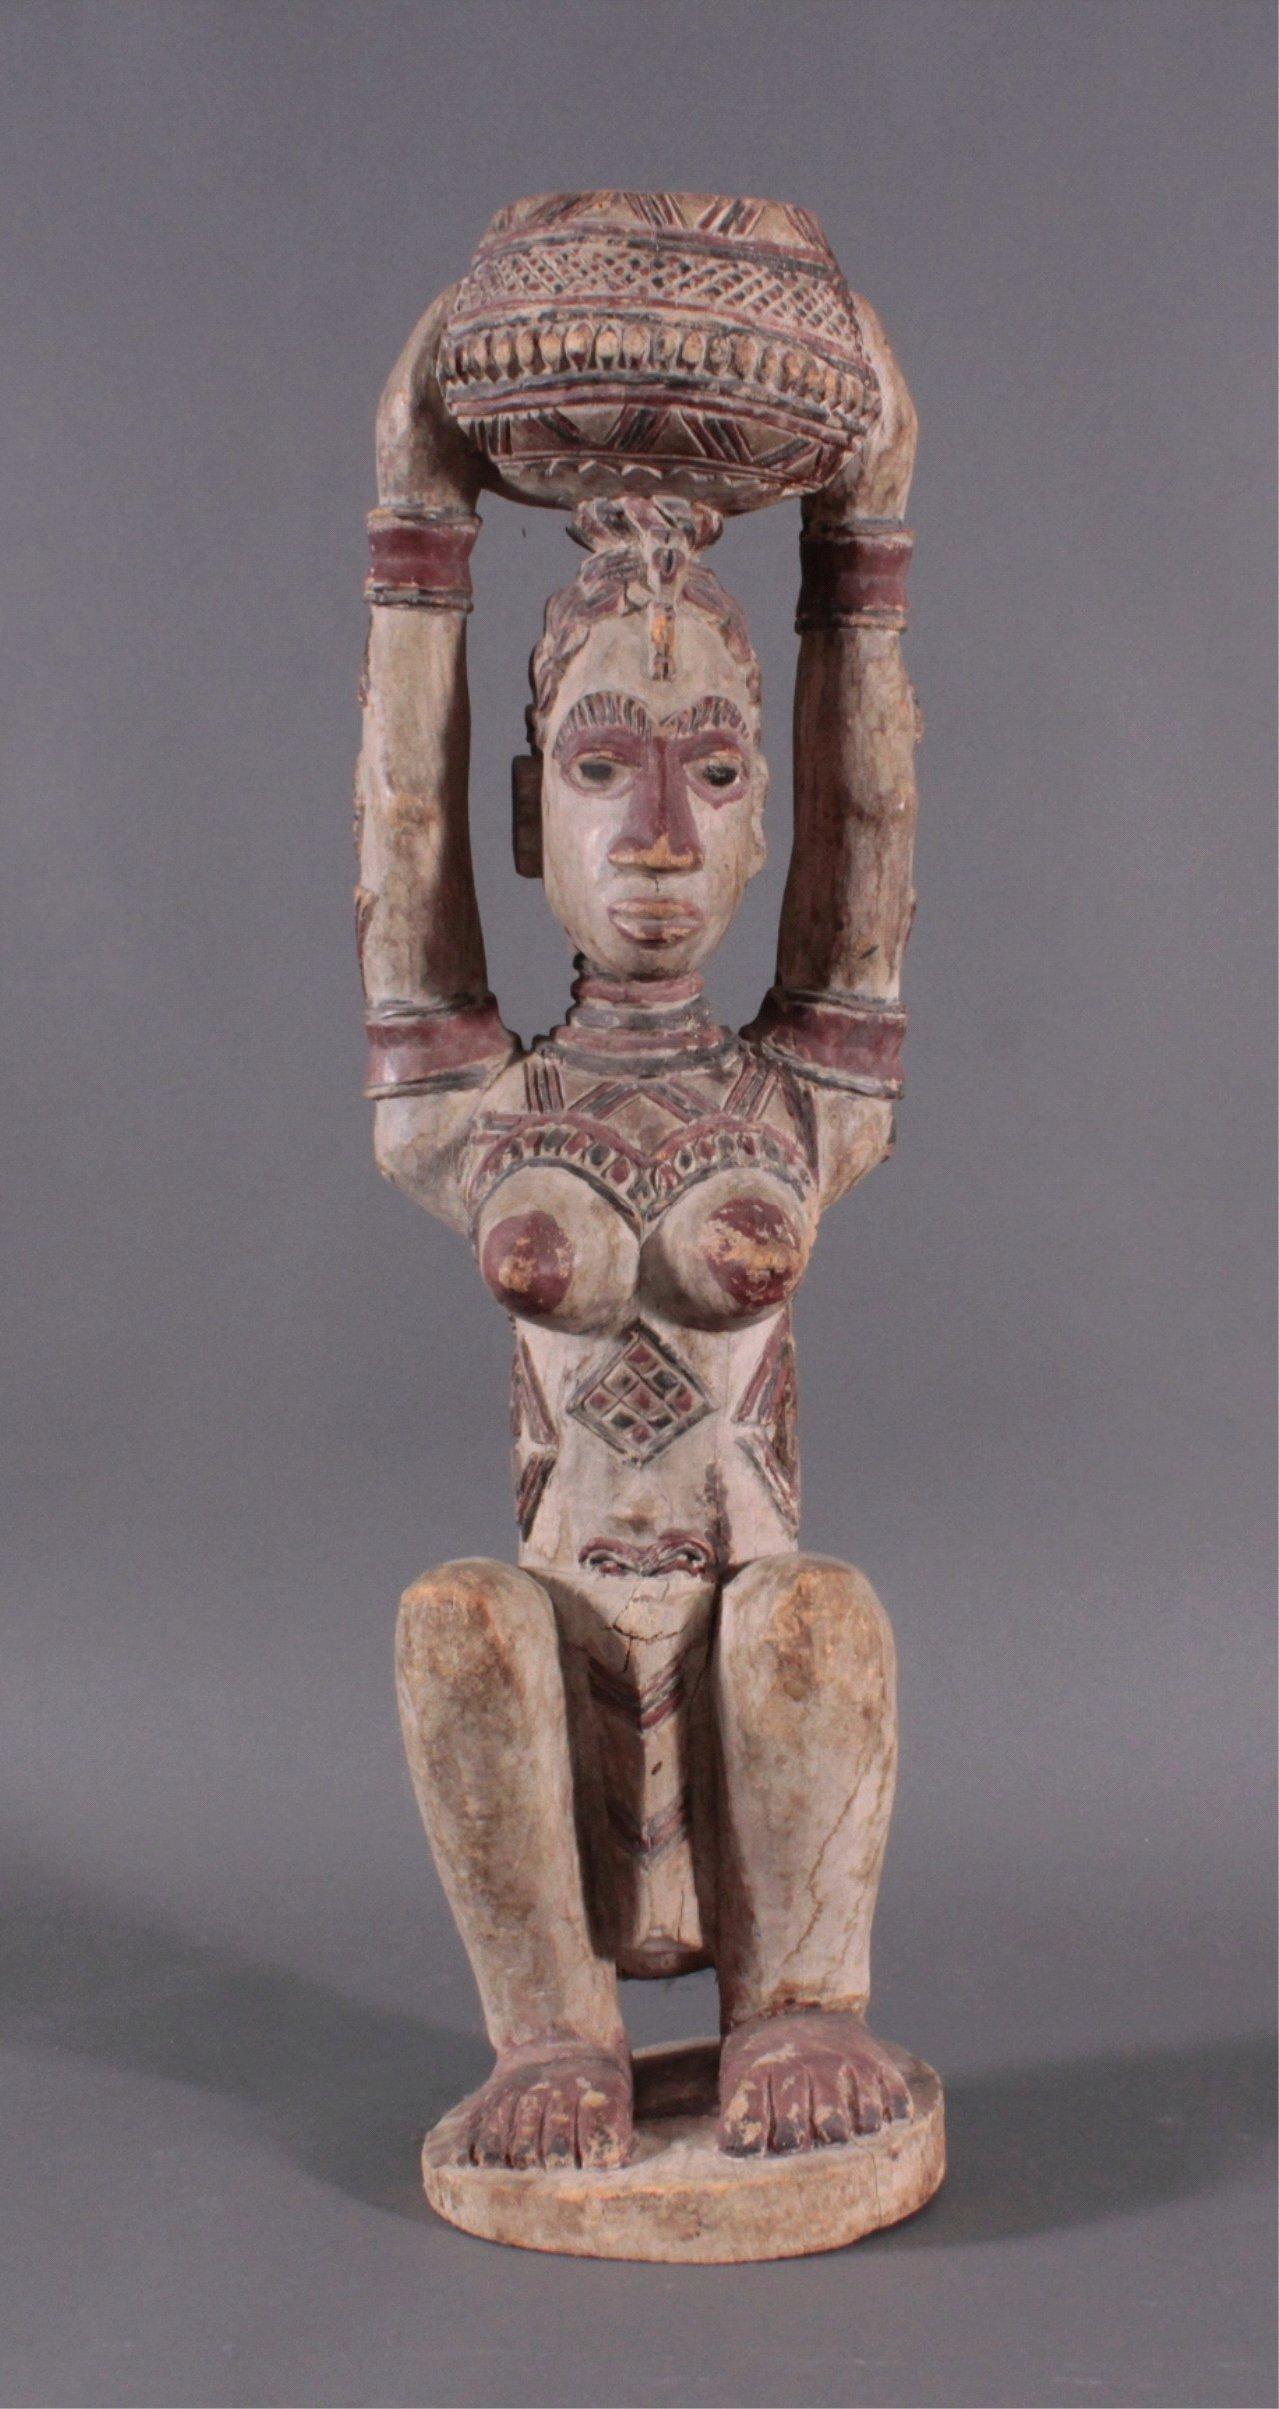 Weibliche Figur Afrika, 1. Häfte 20. Jahrhundert